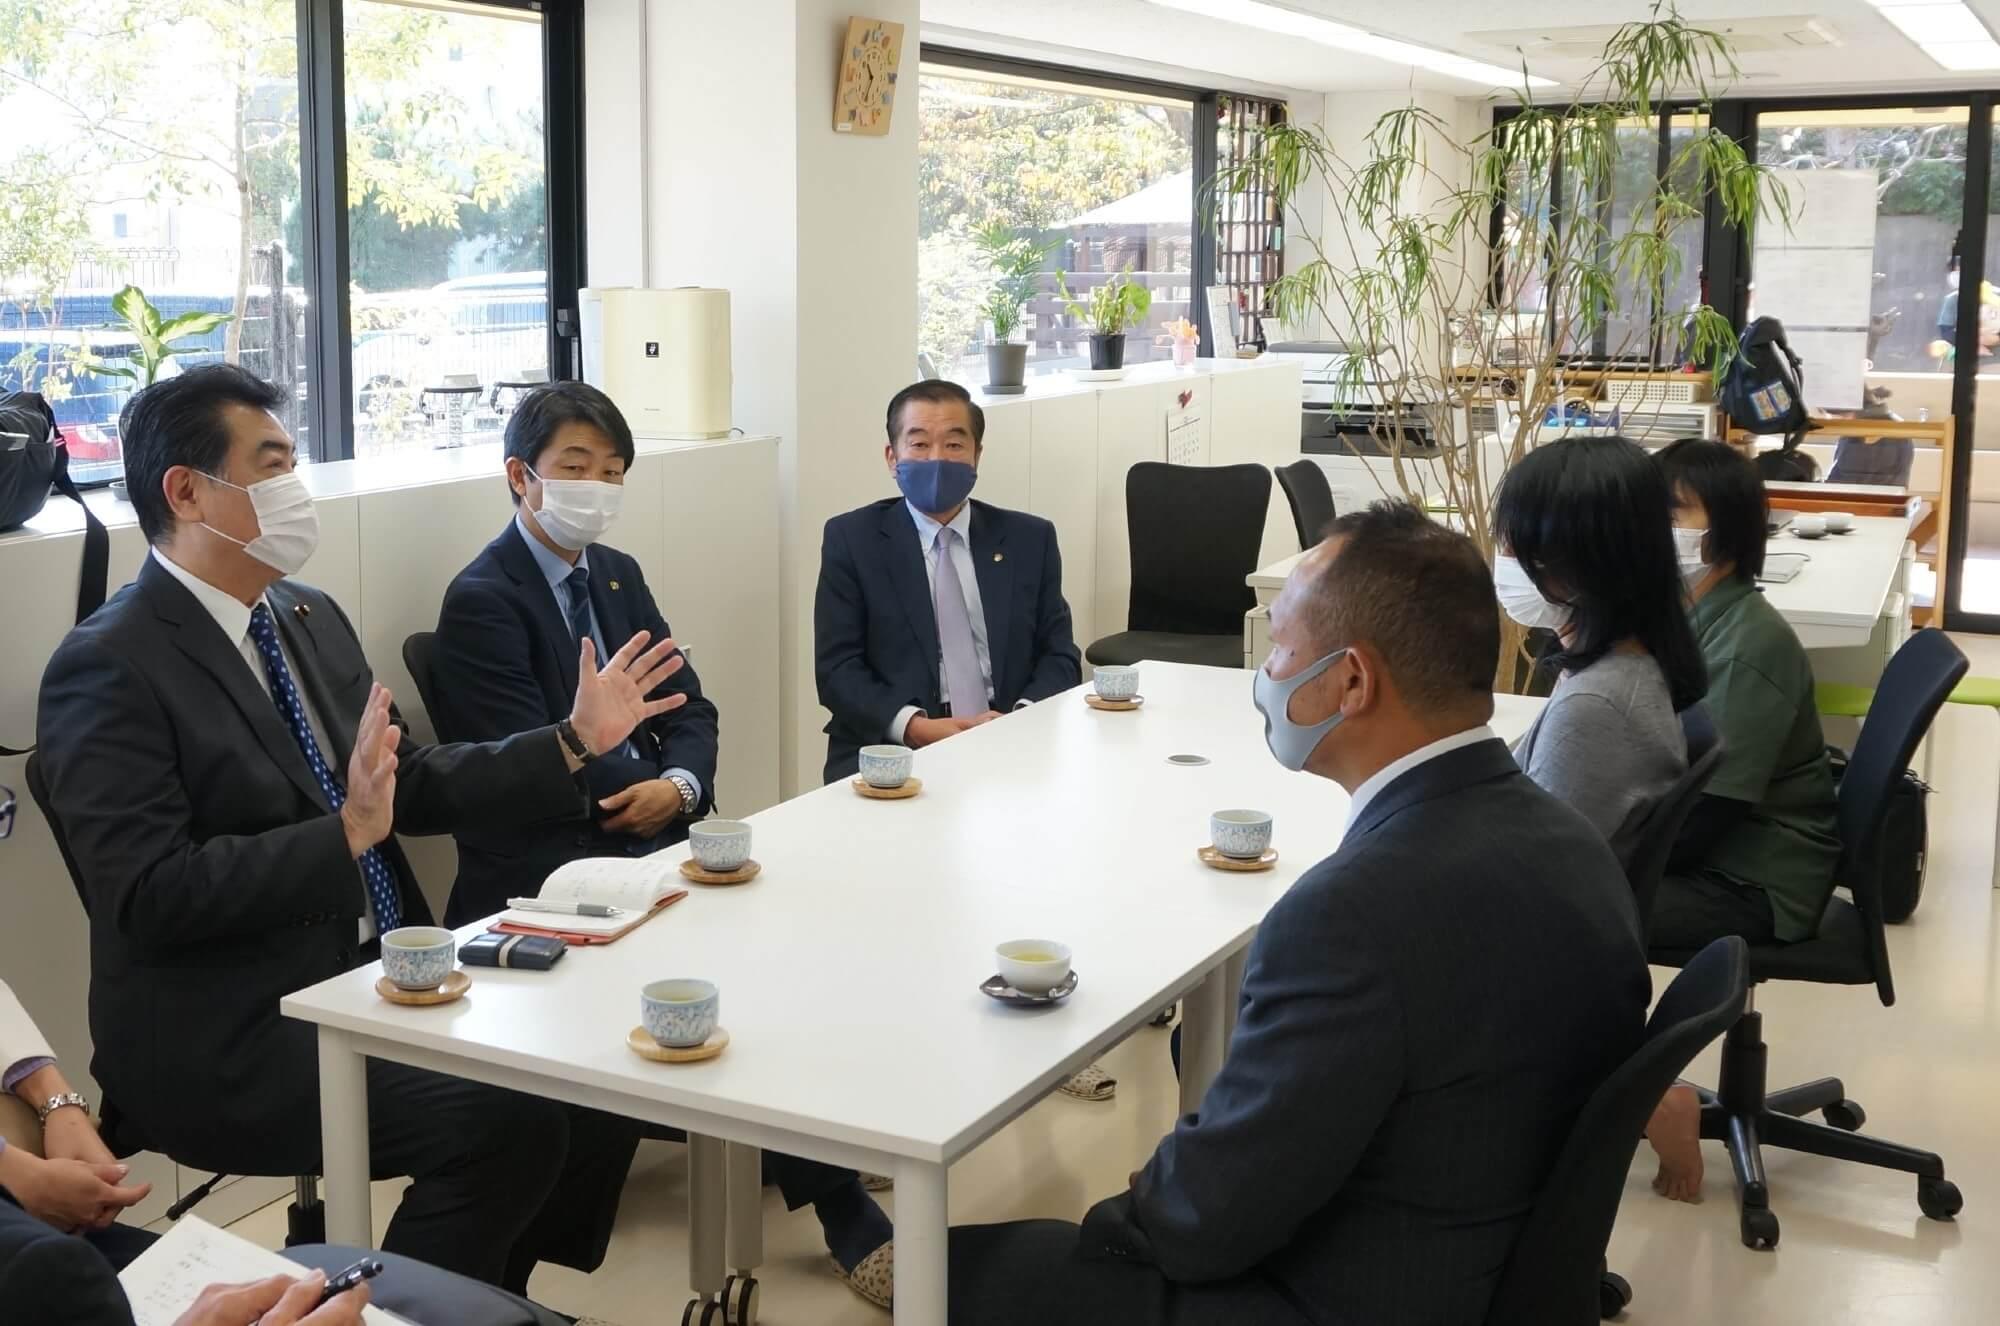 横浜市議との意見交換